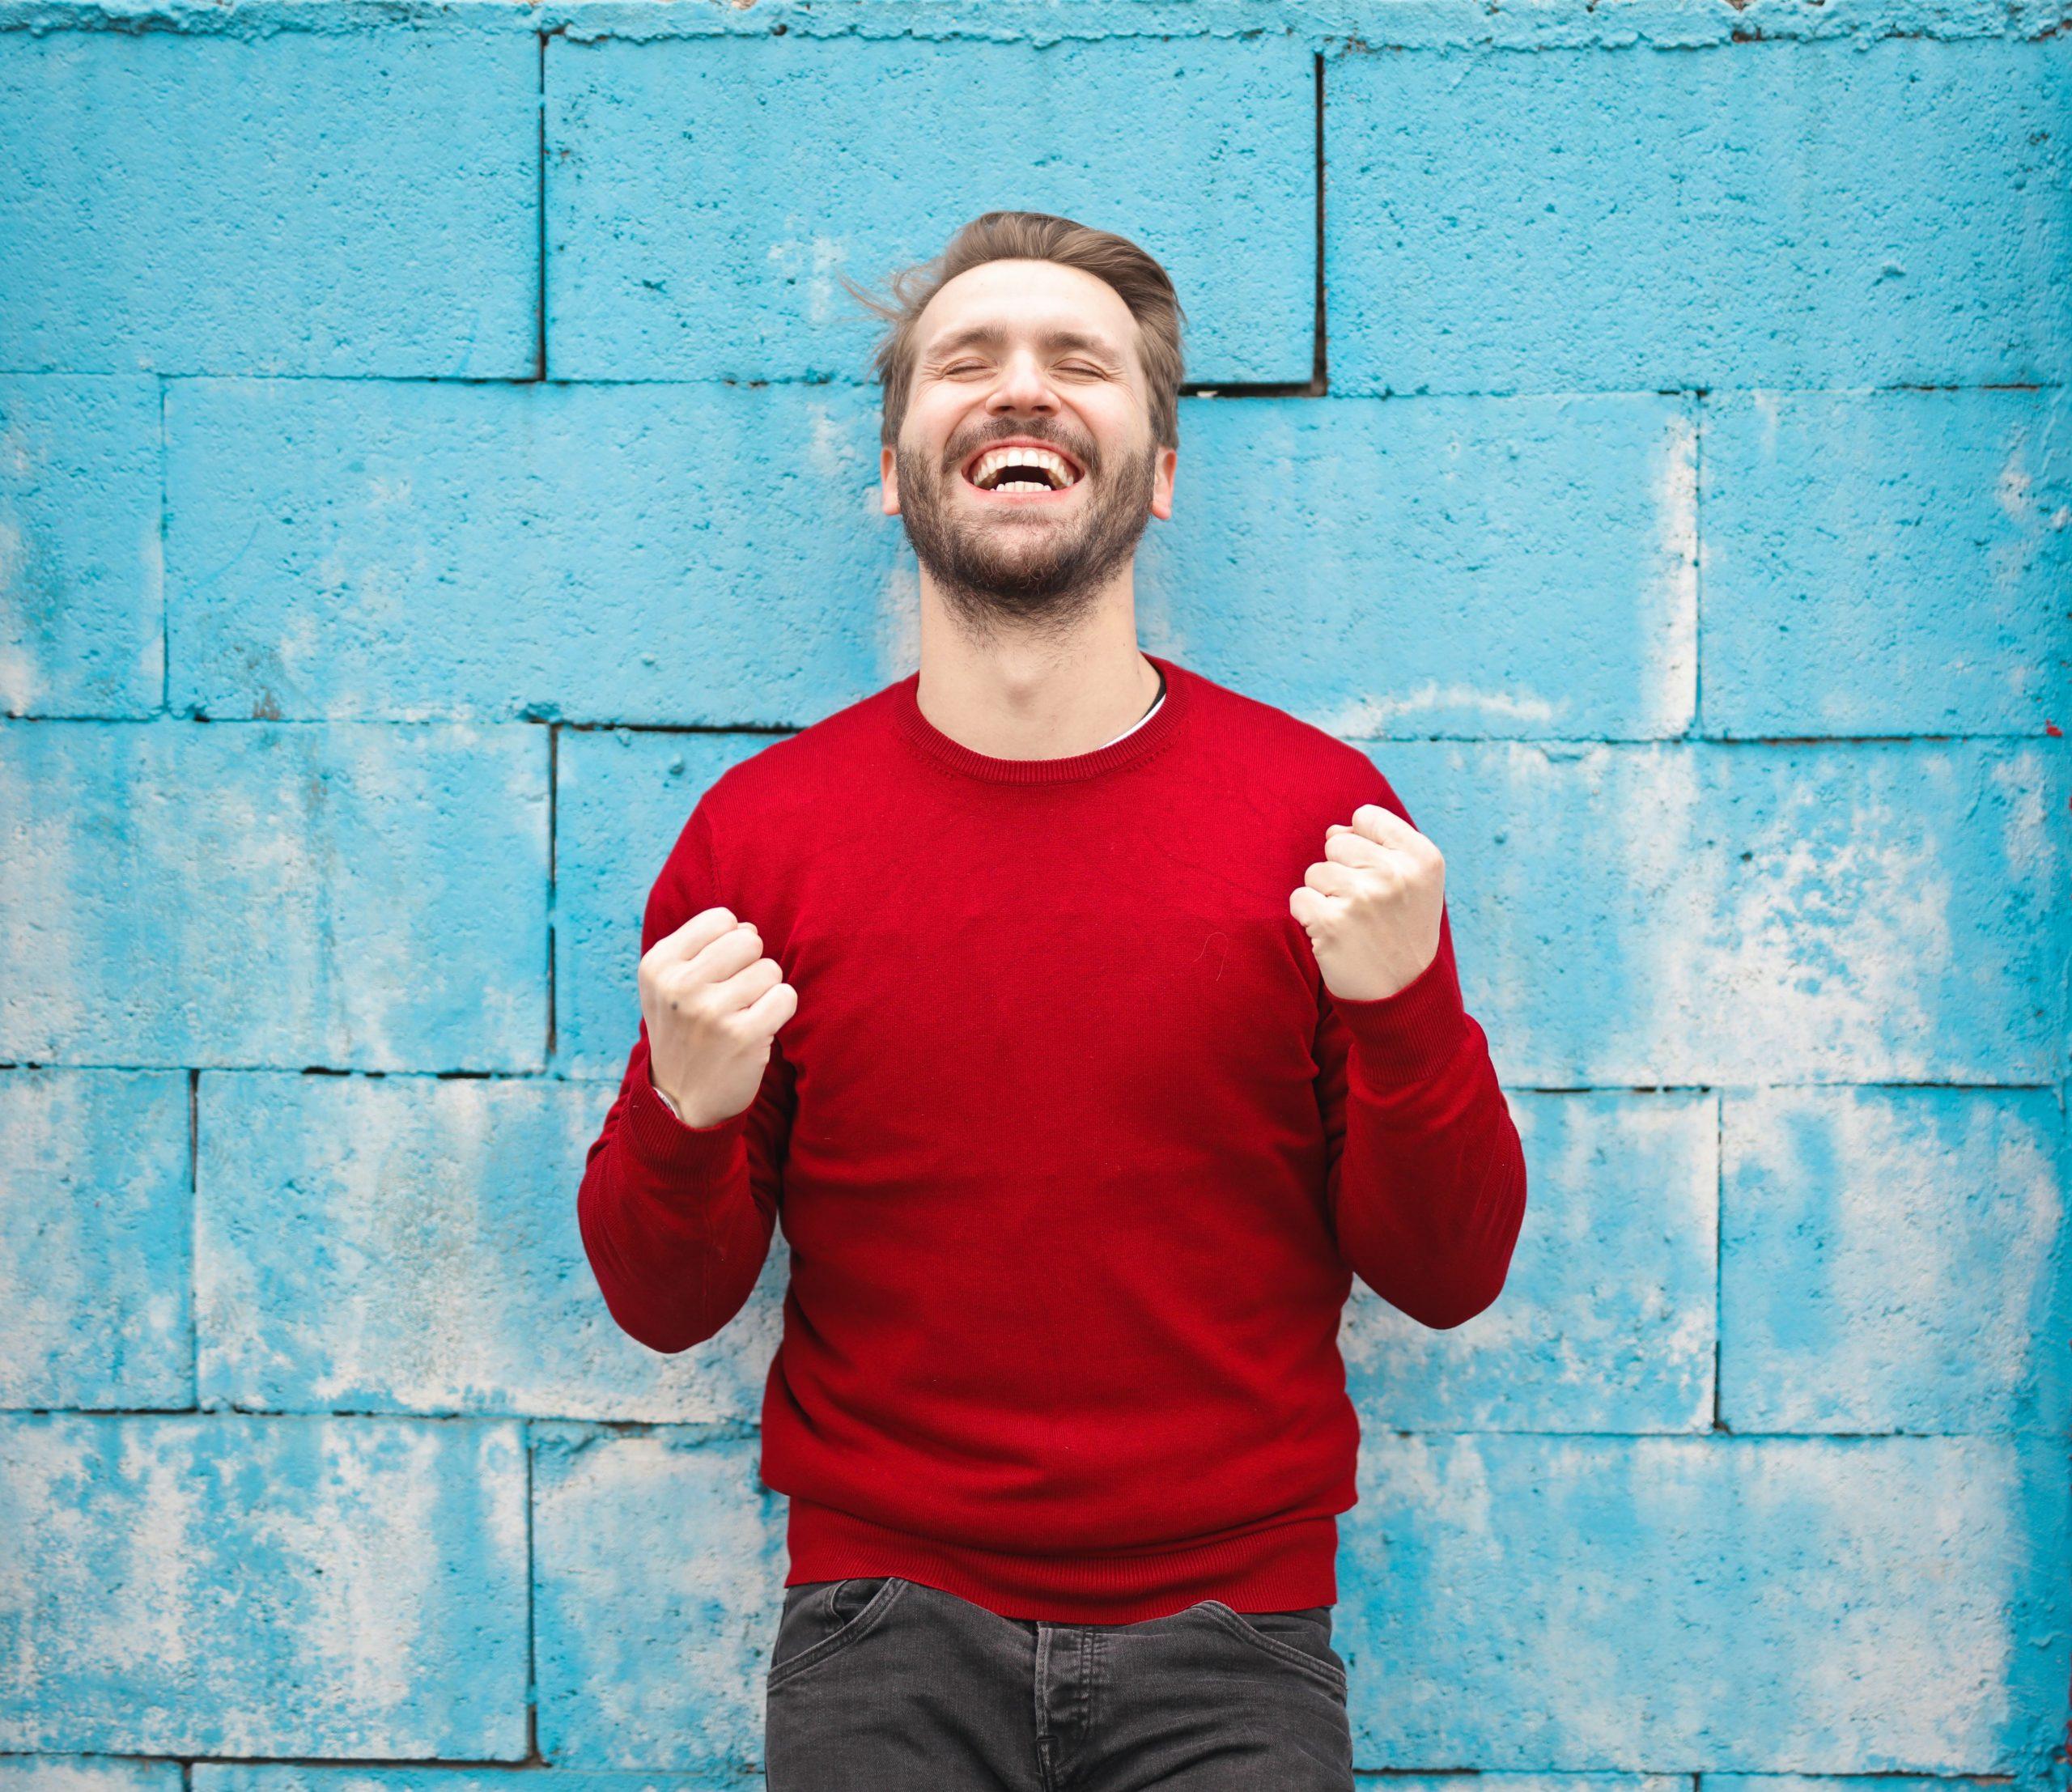 DICA #3: Cativar e fidelizar clientes